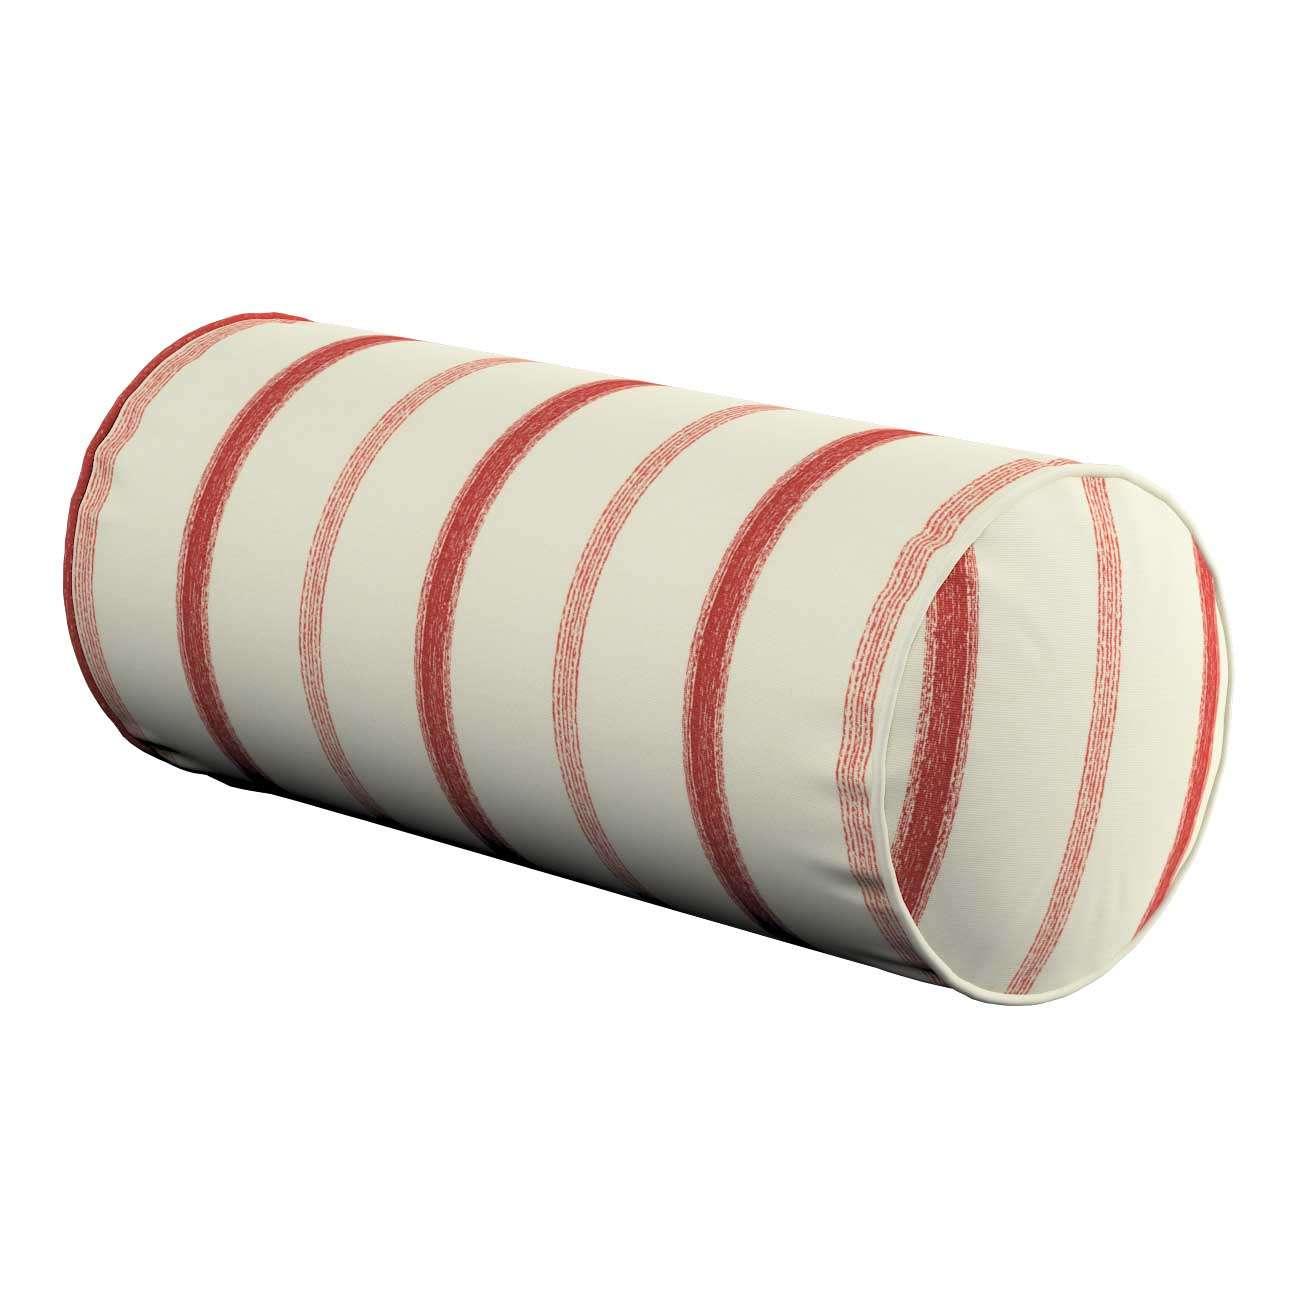 Ritinio formos  pagalvėlės užvalkalas Ø 16 x 40 cm (6 x 16 inch) kolekcijoje Avinon, audinys: 129-15